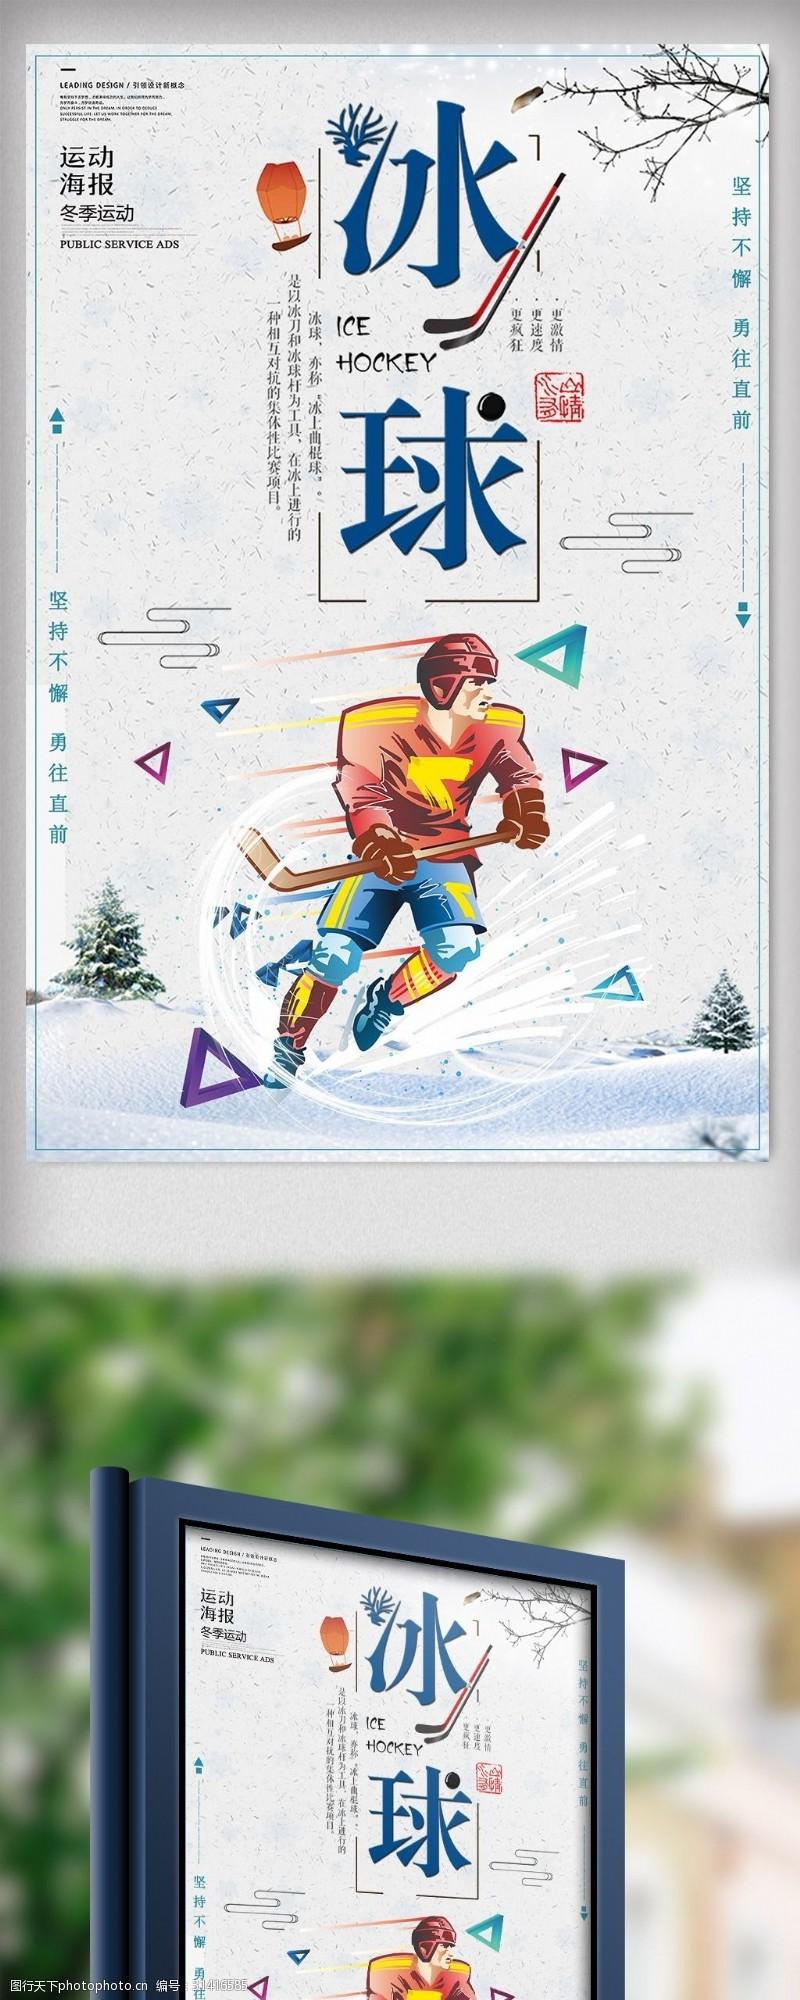 简约冰球比赛冬季运动海报